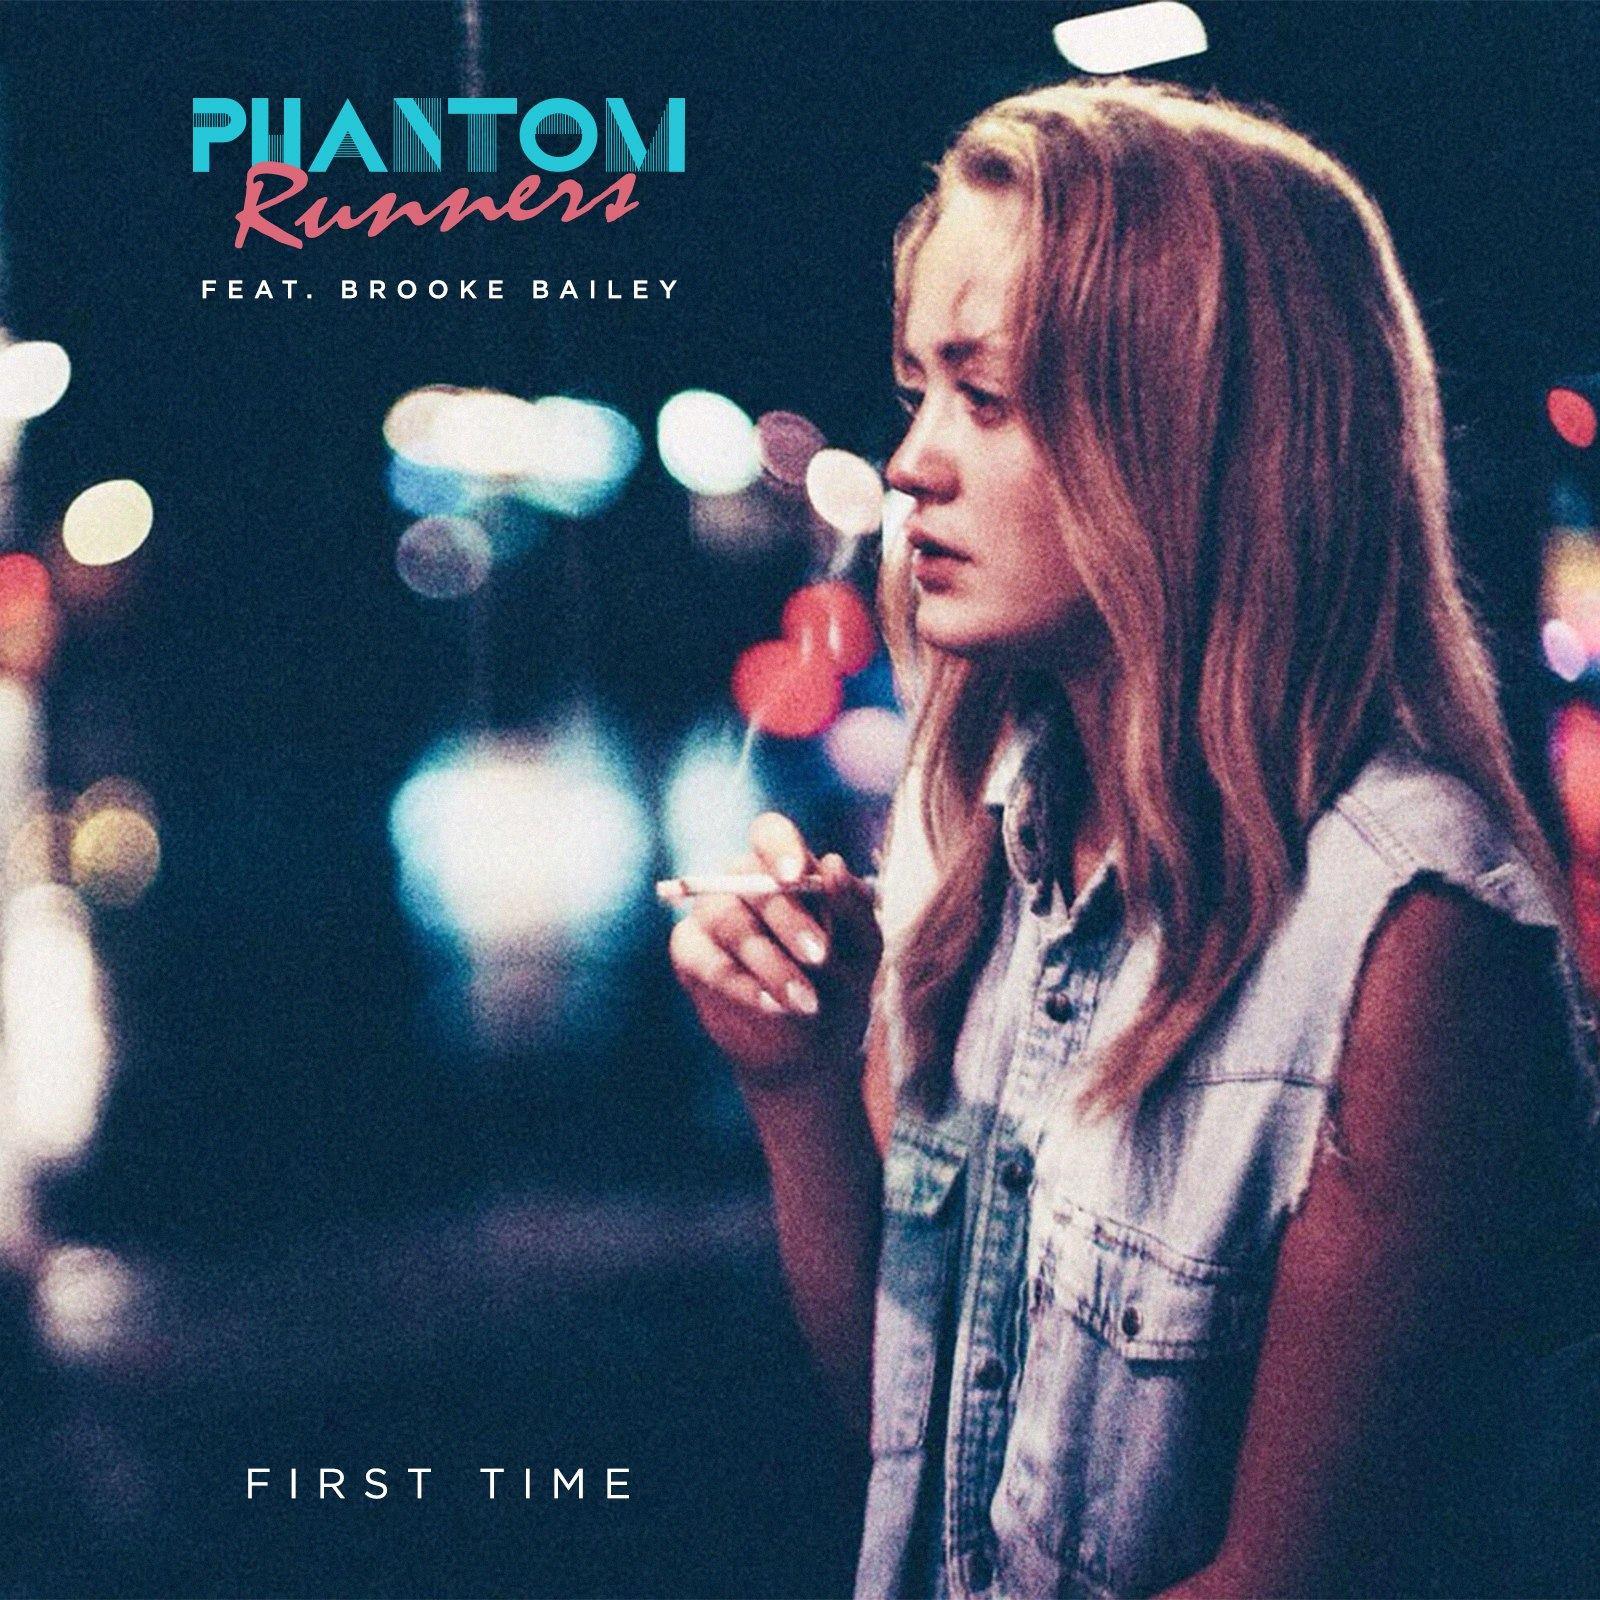 Phantom Runners 23.07.2016ANDREW